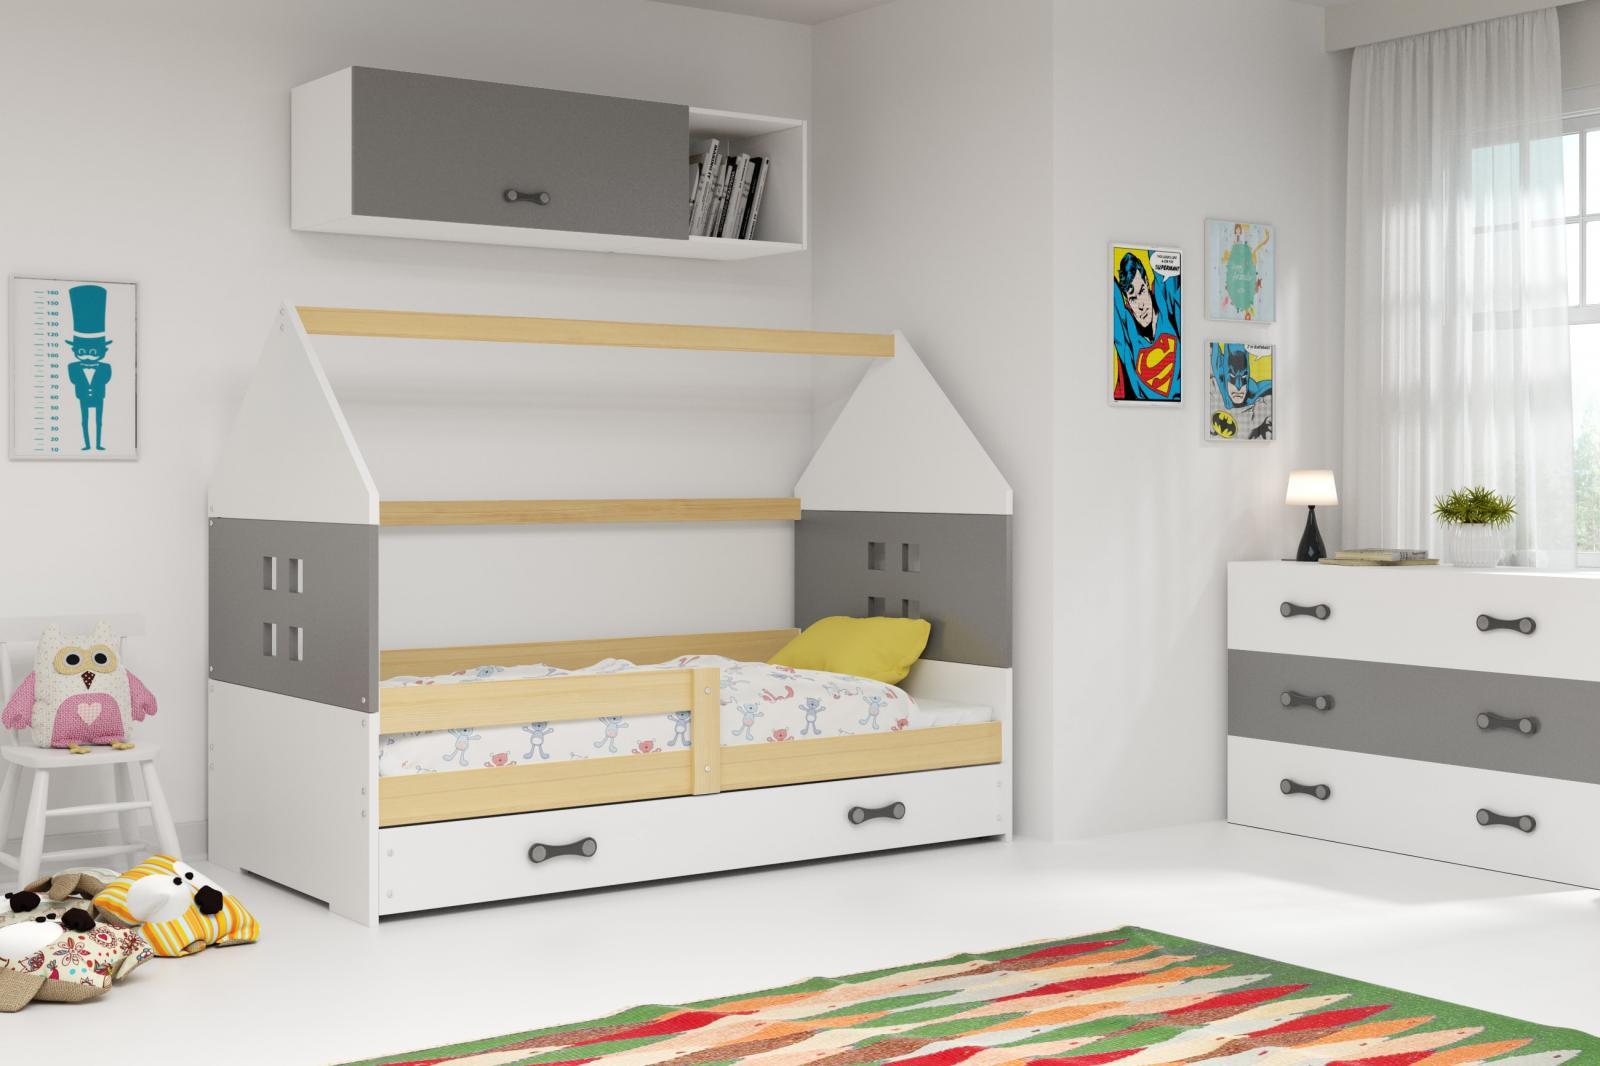 Dětská postel Dominik 80x160 borovice/grafit/bílá